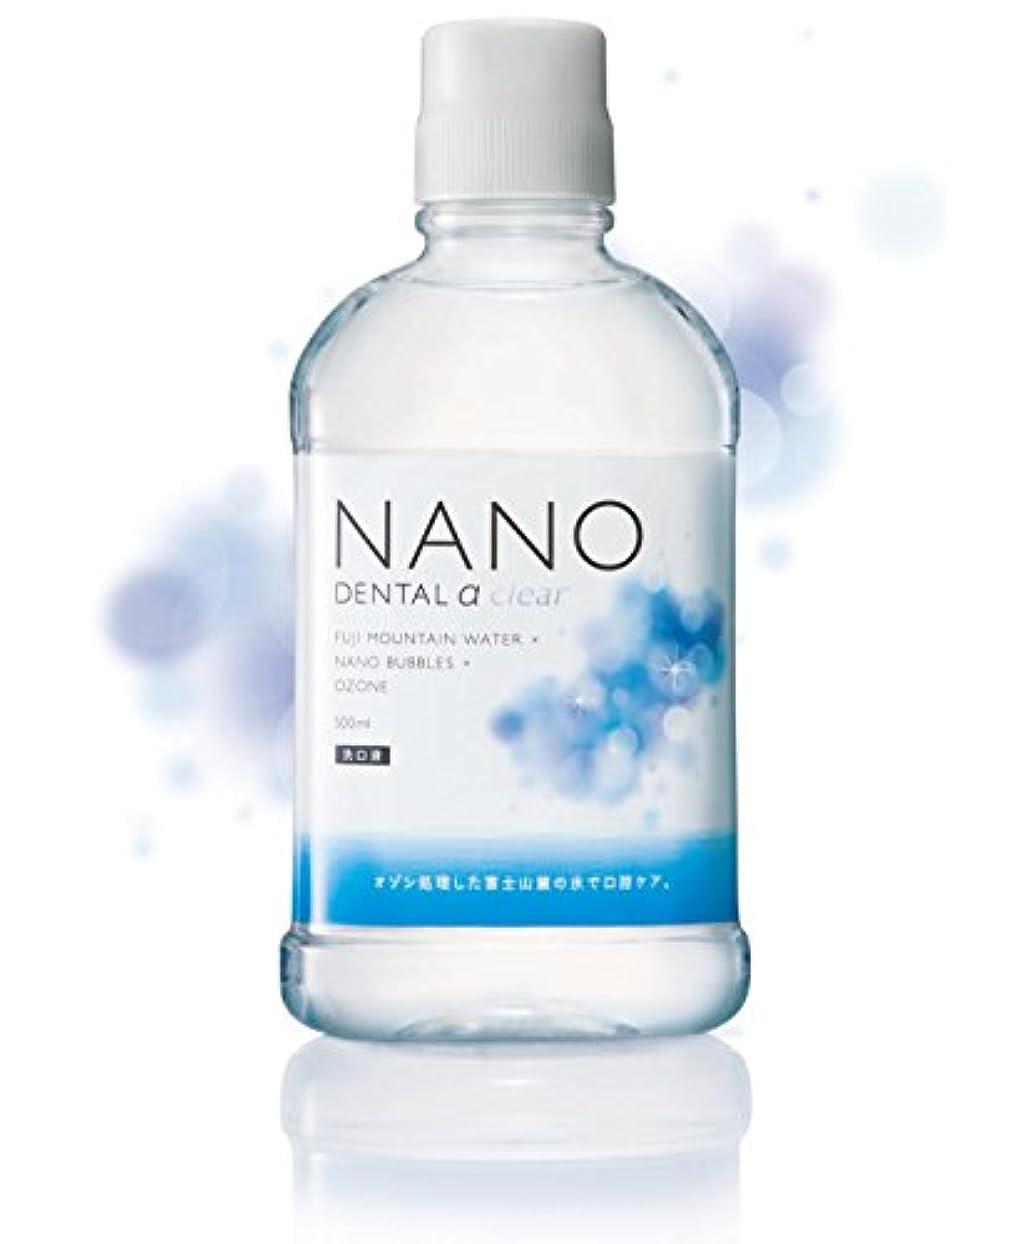 フォージベーシックアイドル無添加! ナノデンタルアルファ クリア NANODENTALα Clear 500mL オゾンナノバブルで歯周病?口臭予防